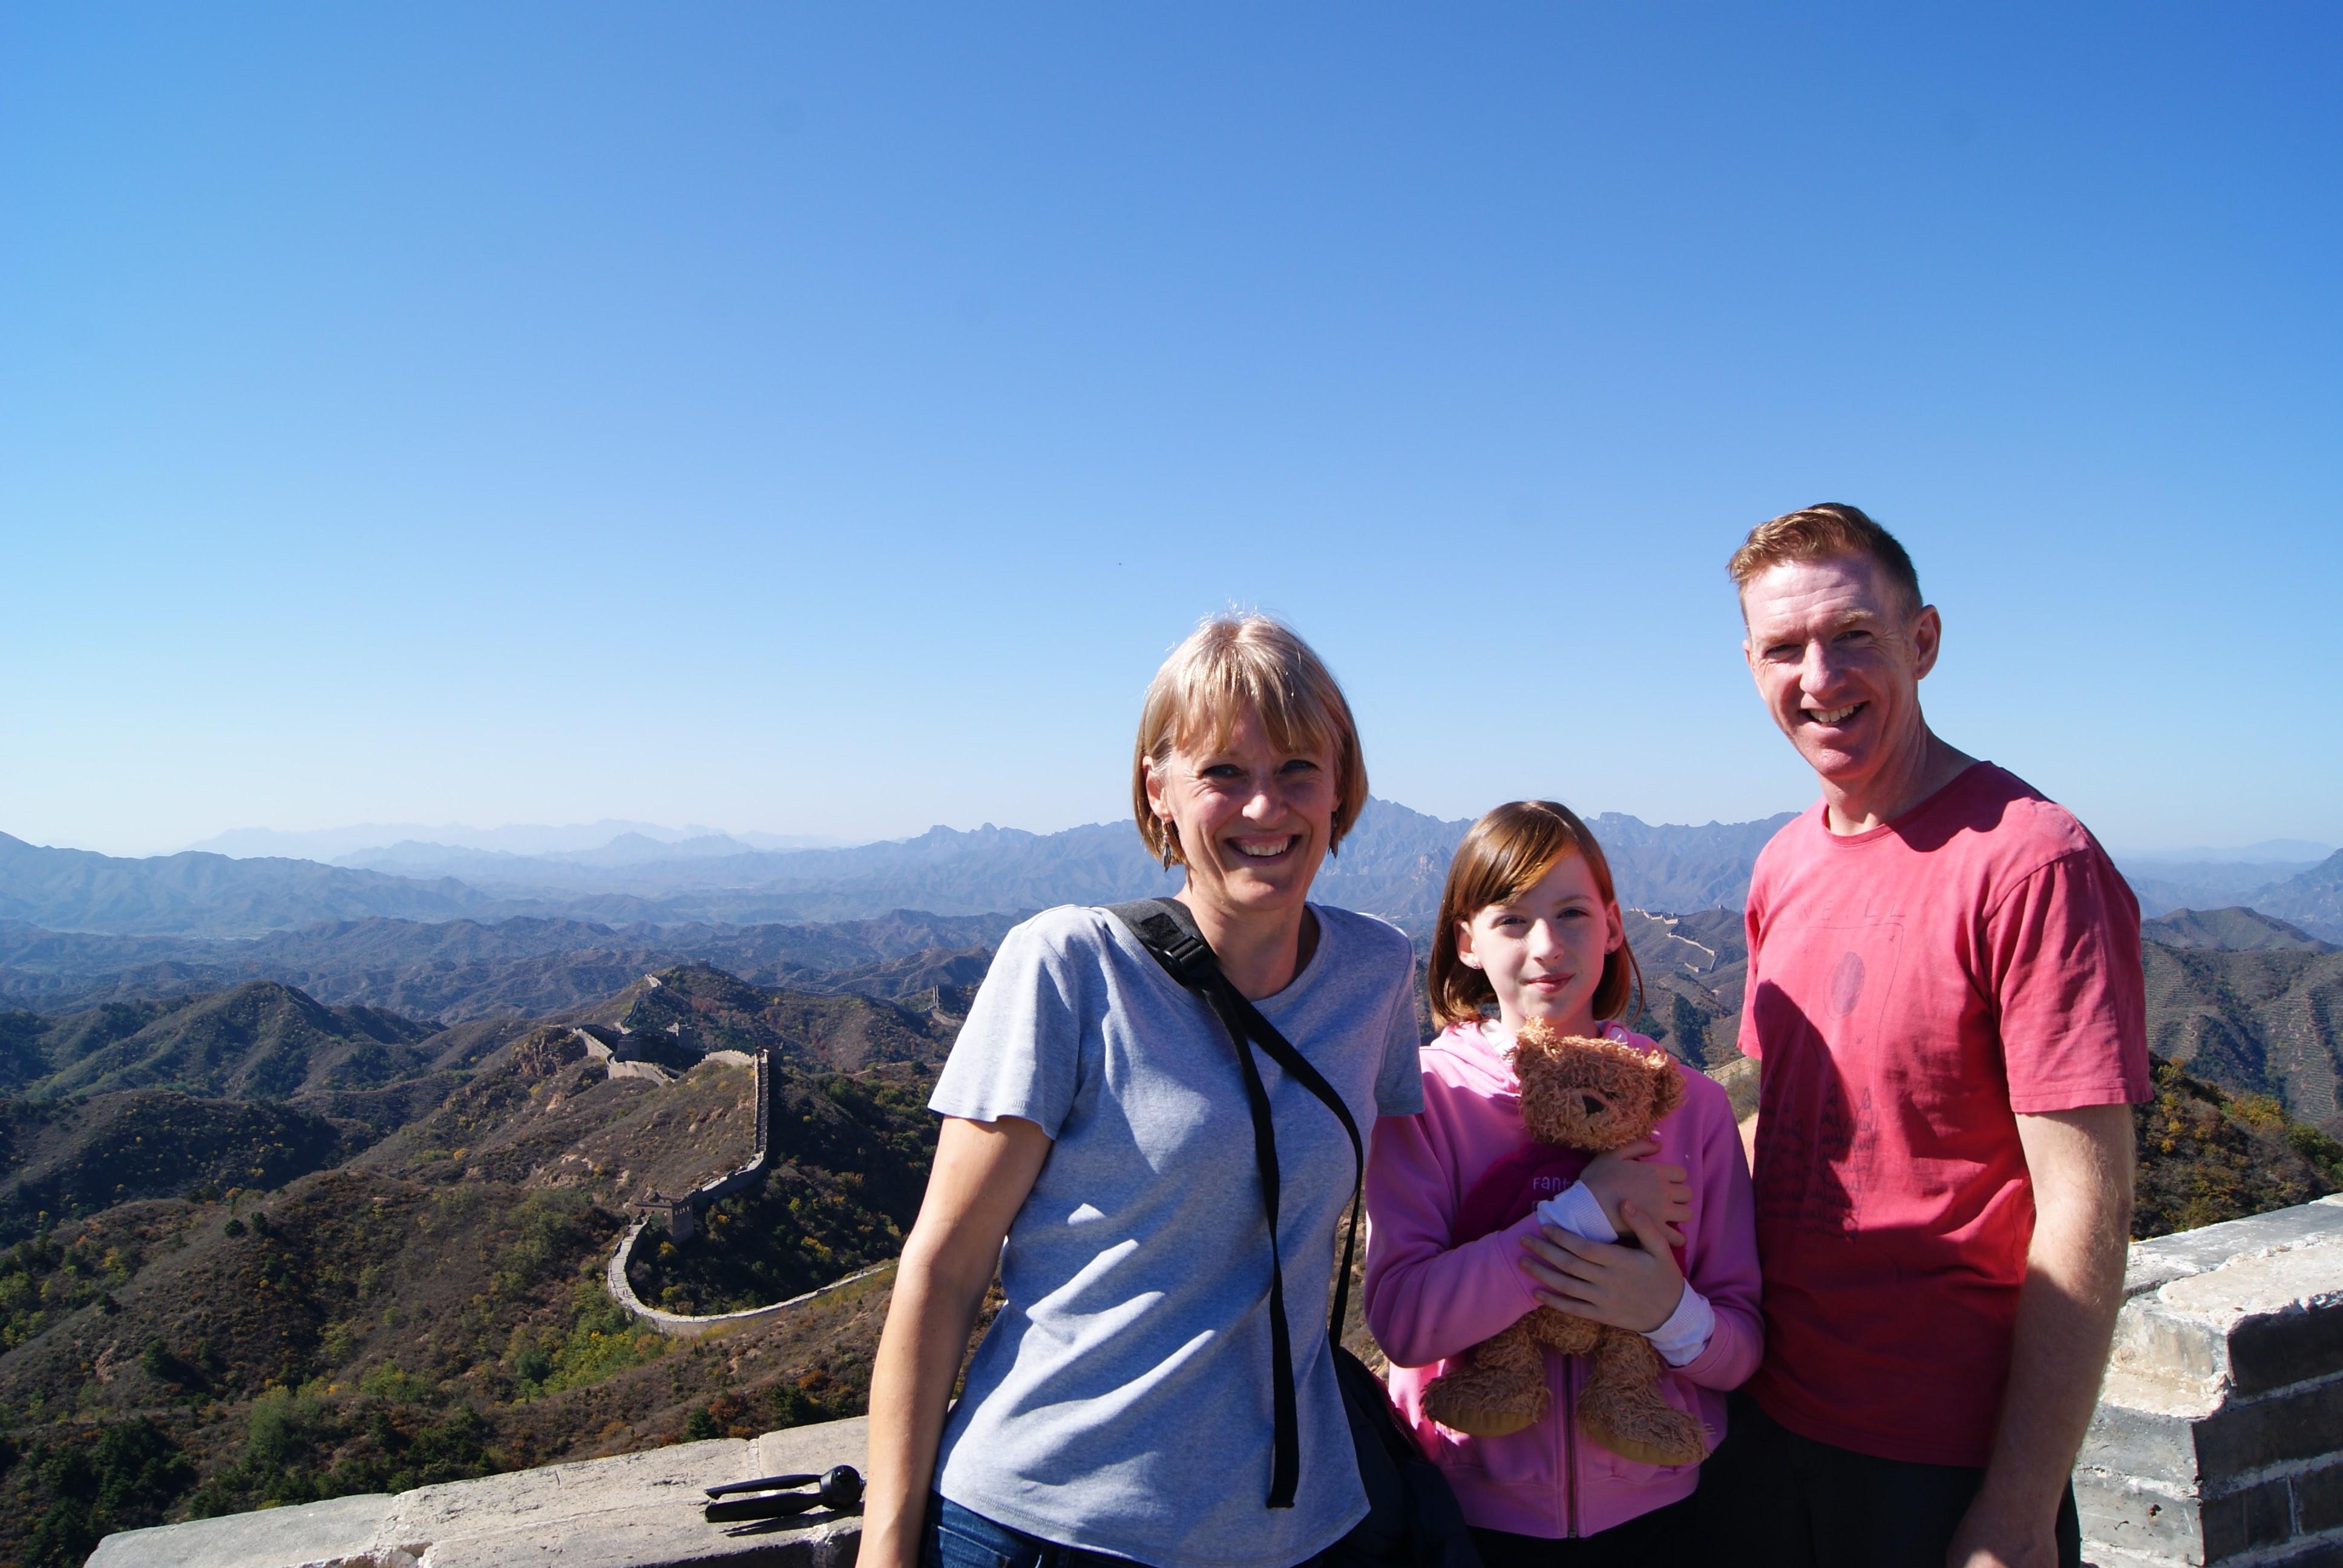 visiting-the-great-wall-of-China